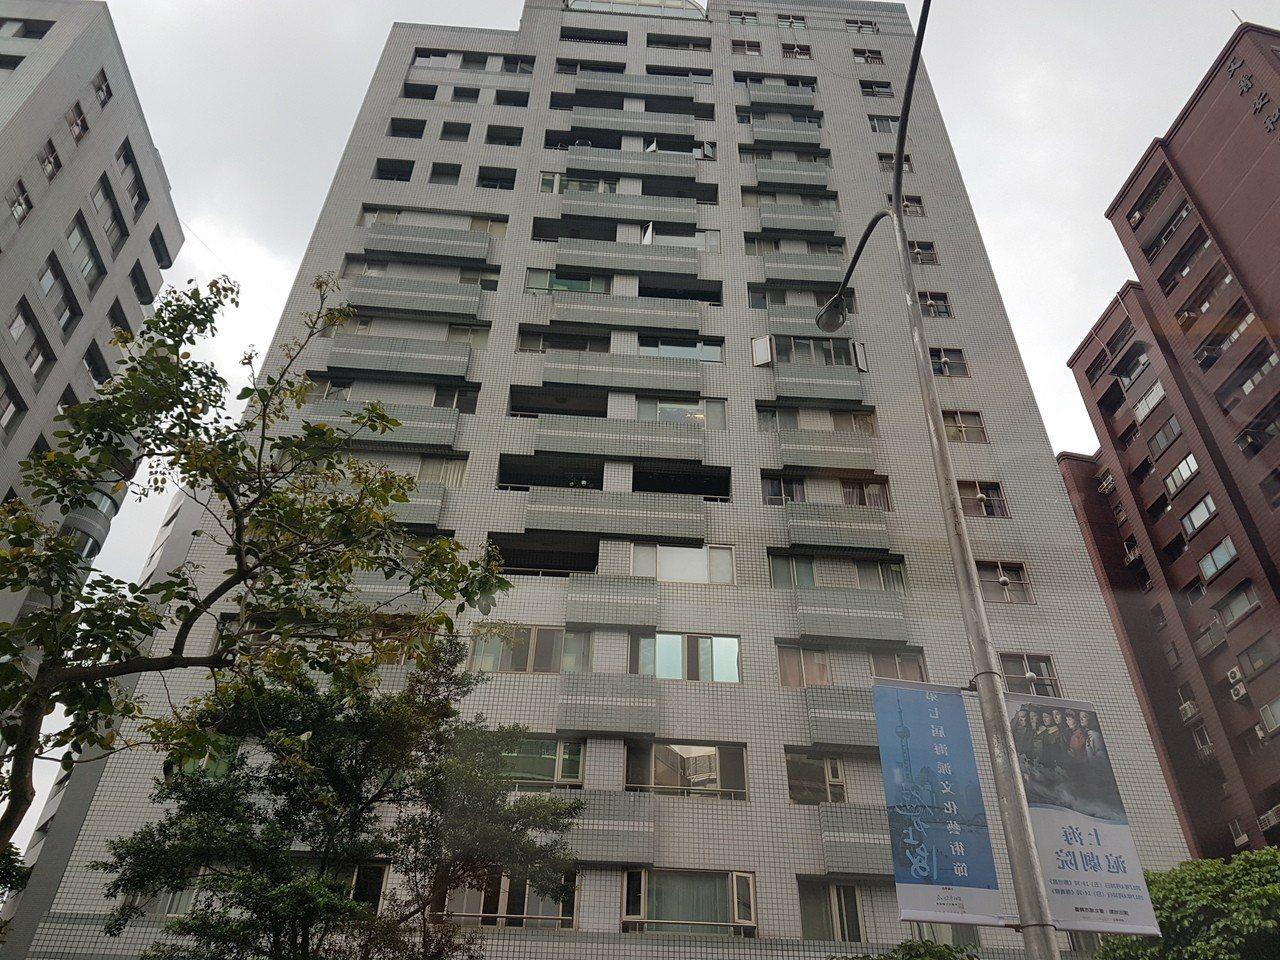 台北房價仍高,蛋黃區買房尤其不易。記者孫中英/攝影。